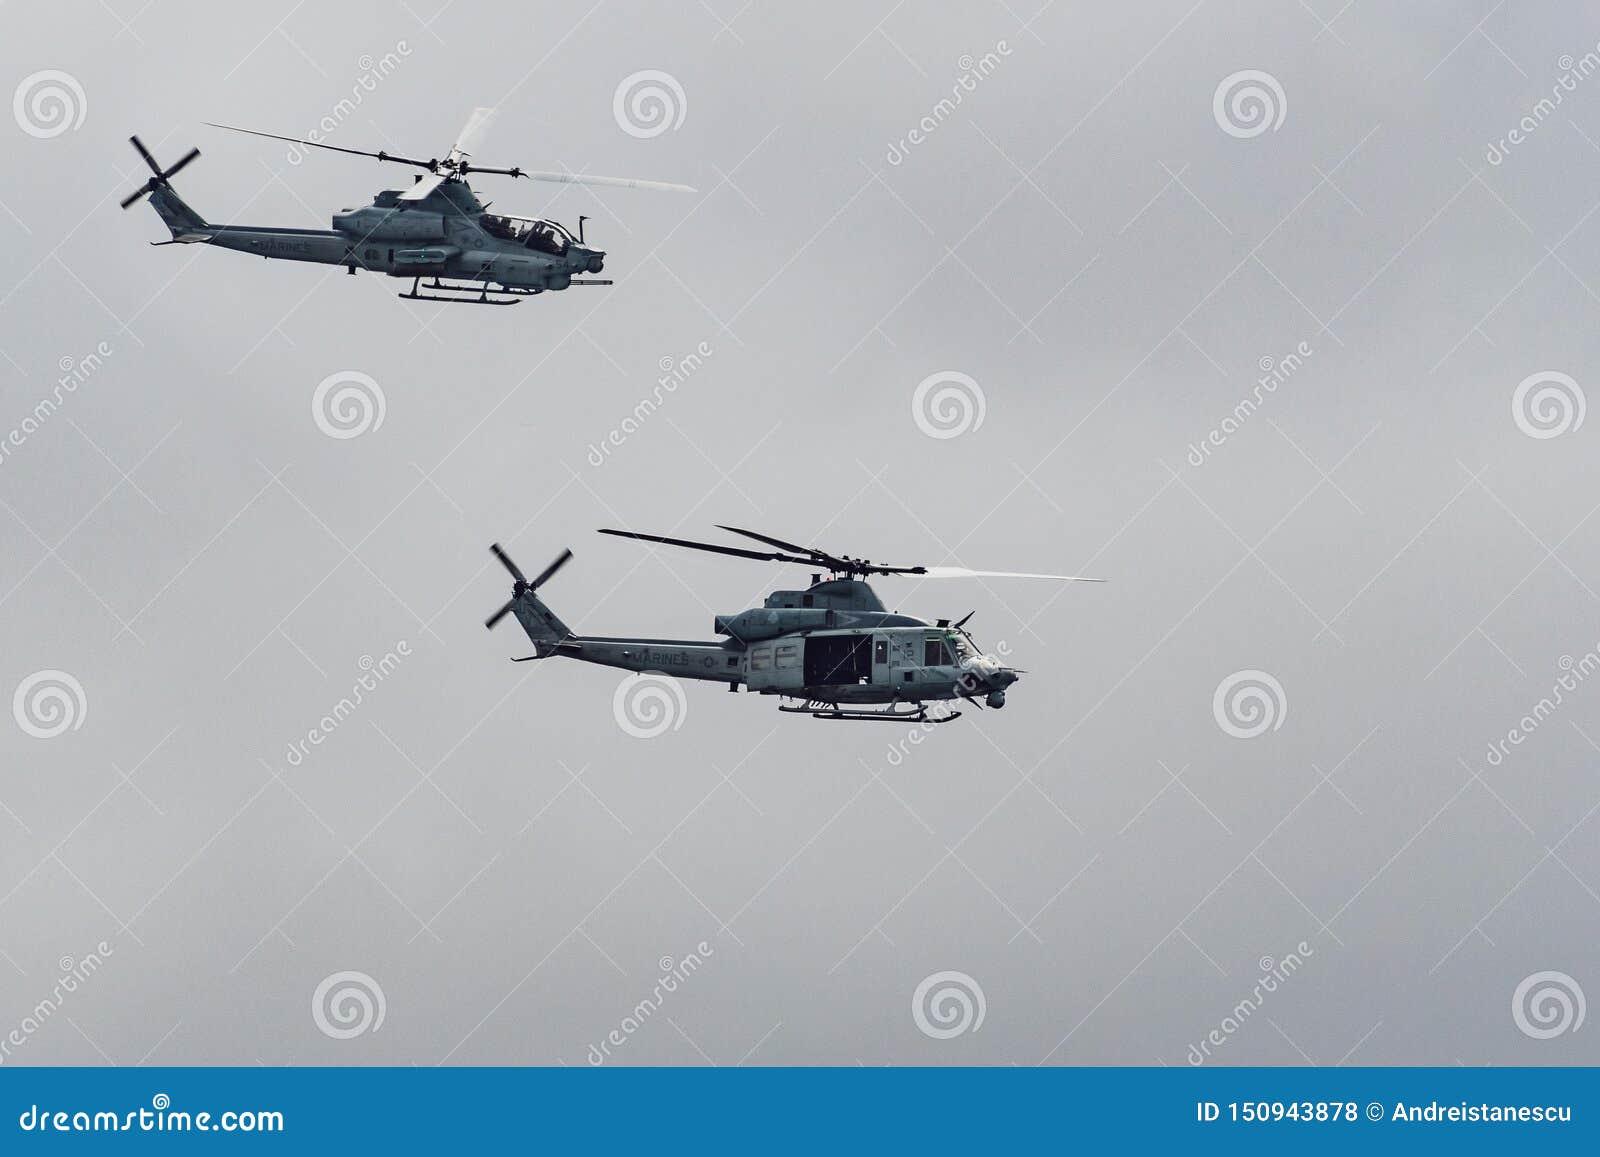 2019年6月14日佩斯卡德罗/加州/美国-飞行接近太平洋海岸线的两架海军陆战队员直升机;多云天空背景